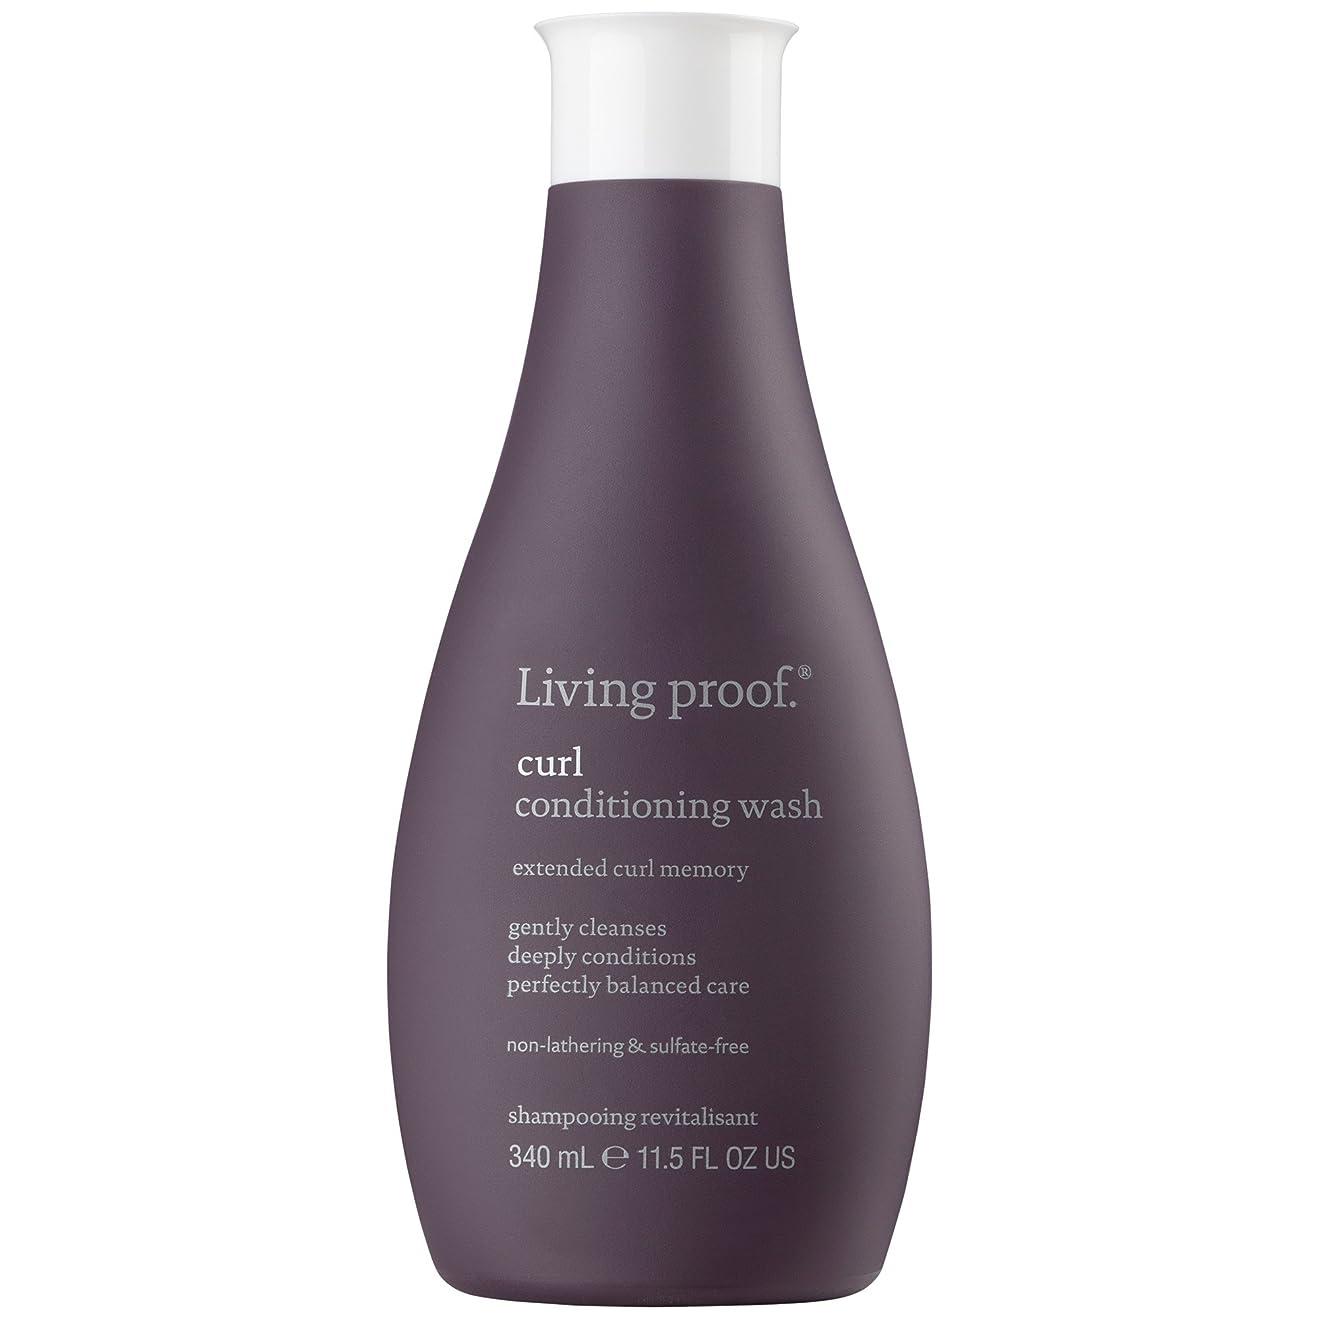 コマンド叙情的なプラグ生きている証拠カールコンディショニングウォッシュ340ミリリットル (Living Proof) - Living Proof Curl Conditioning Wash 340ml [並行輸入品]